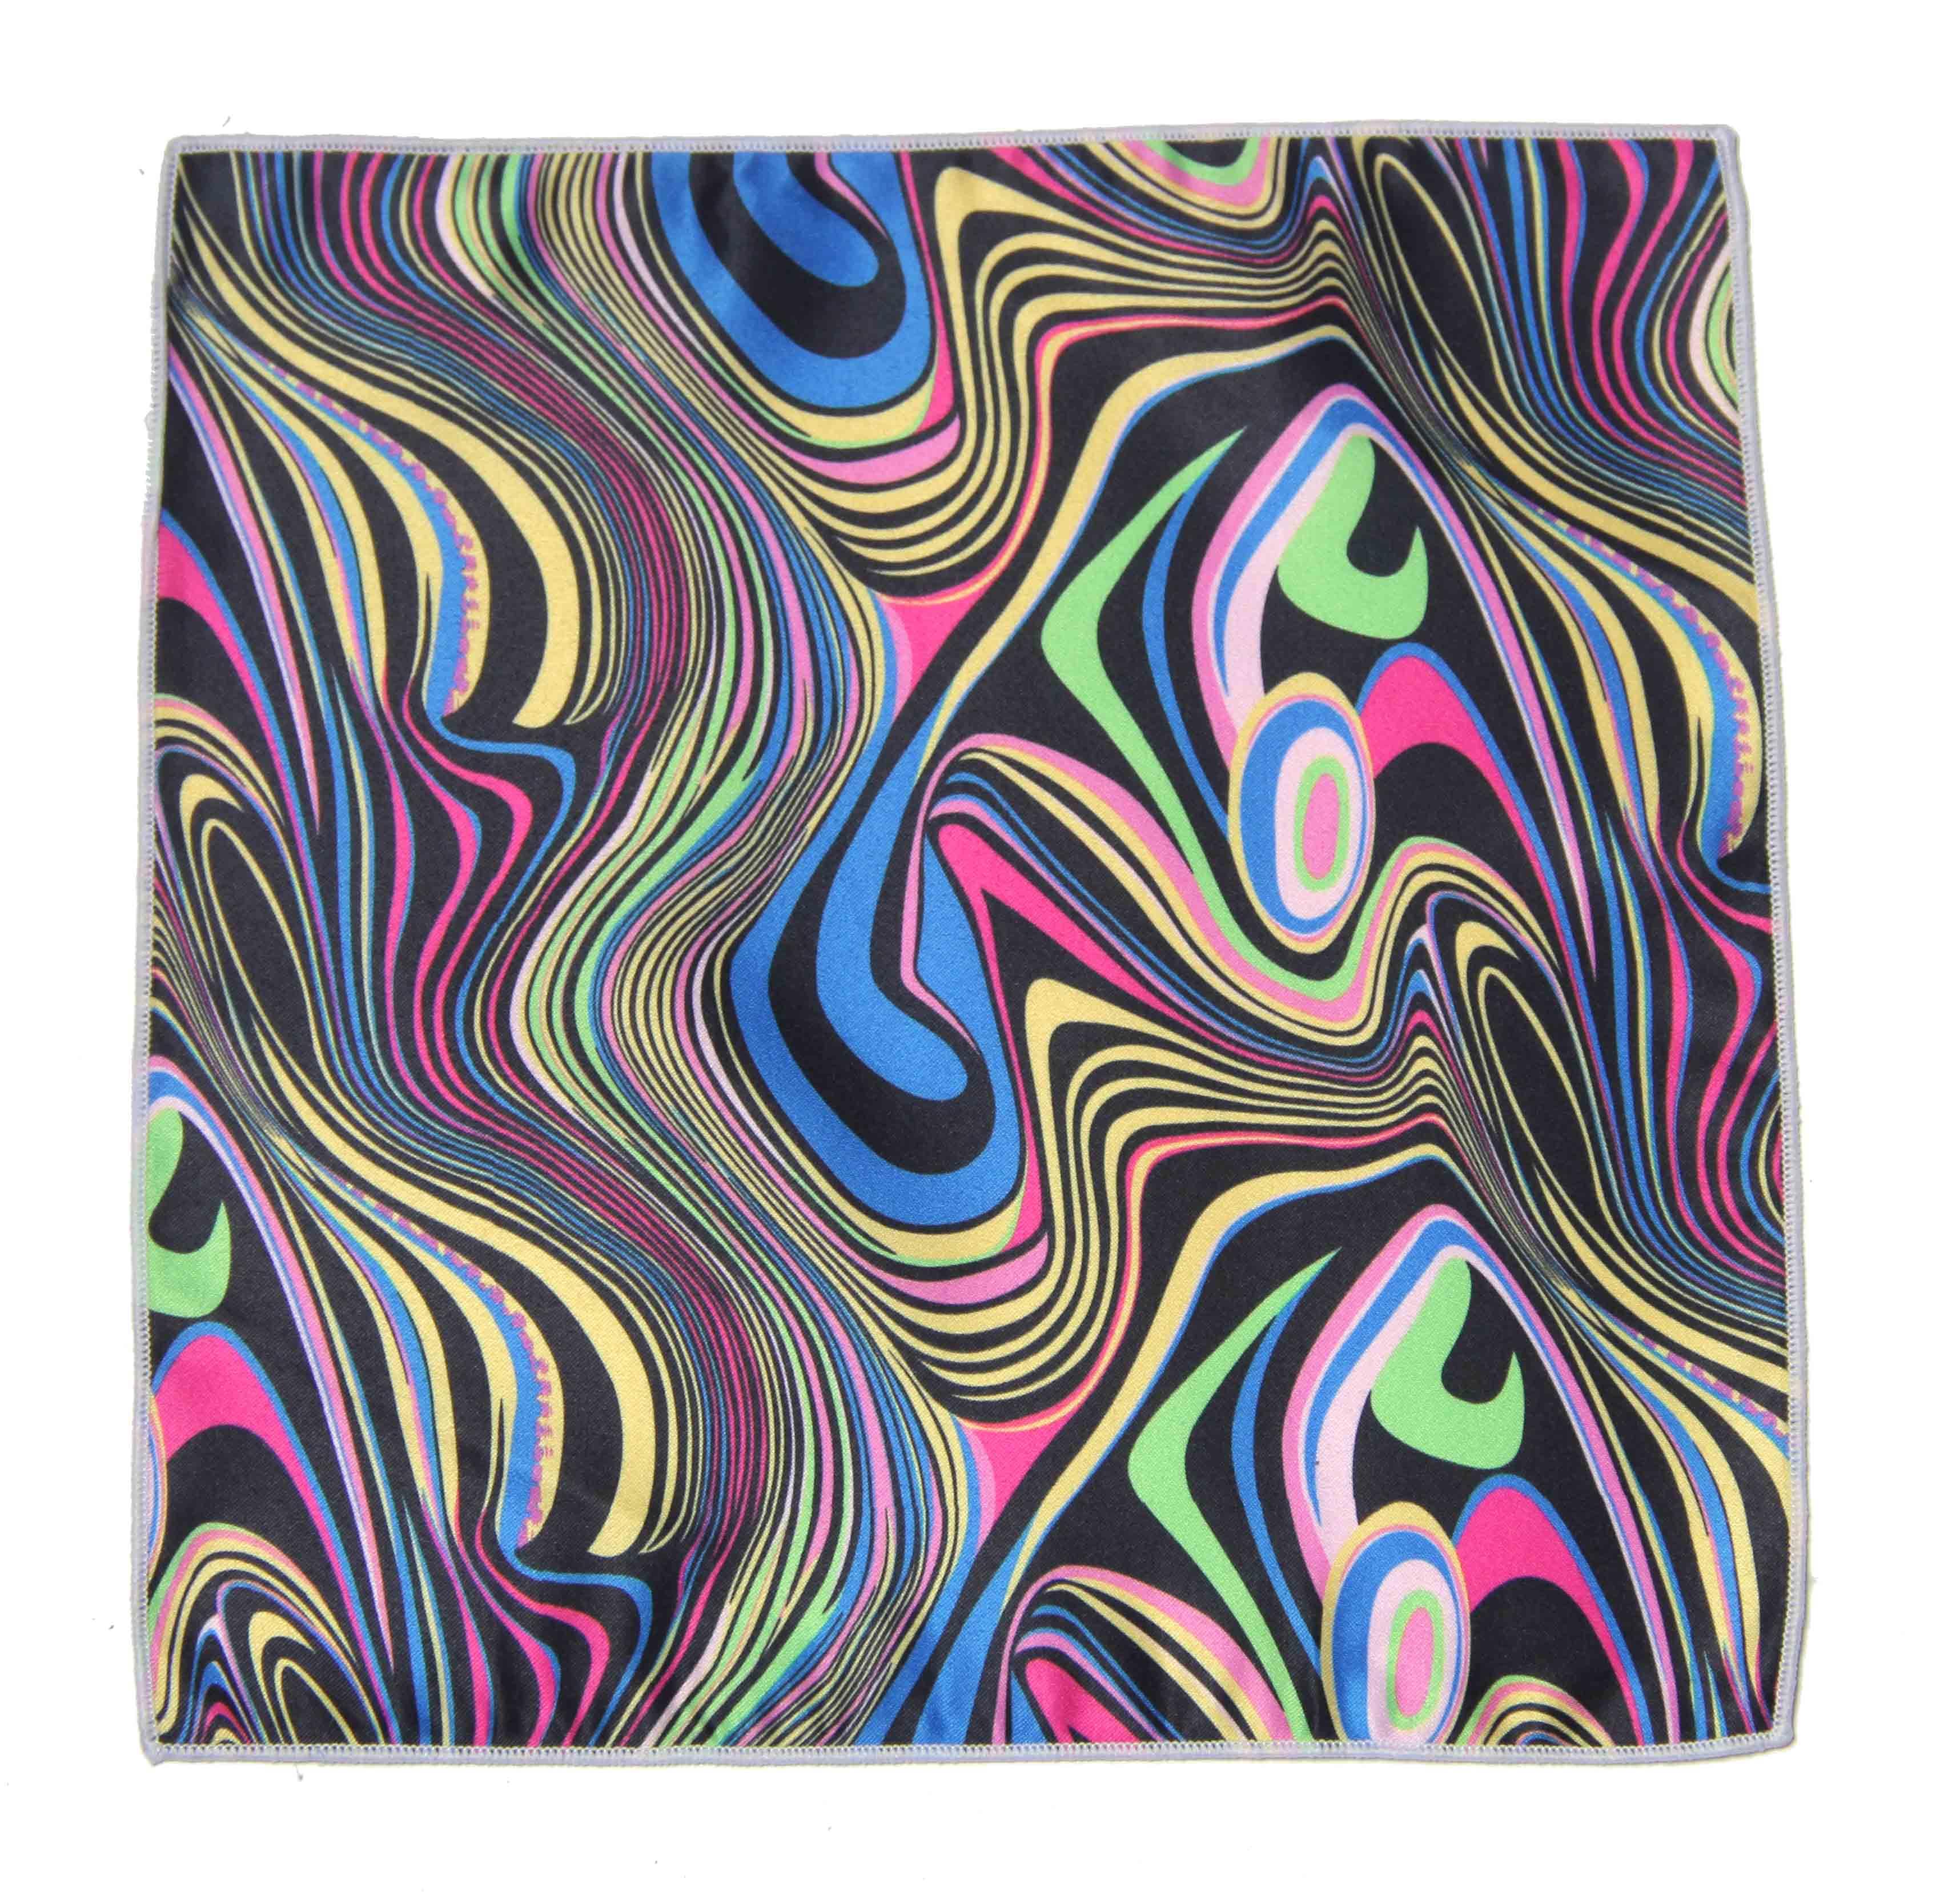 Gascoigne Silk Pocket Square Multicolor 60s Mod Retro Pattern Men's